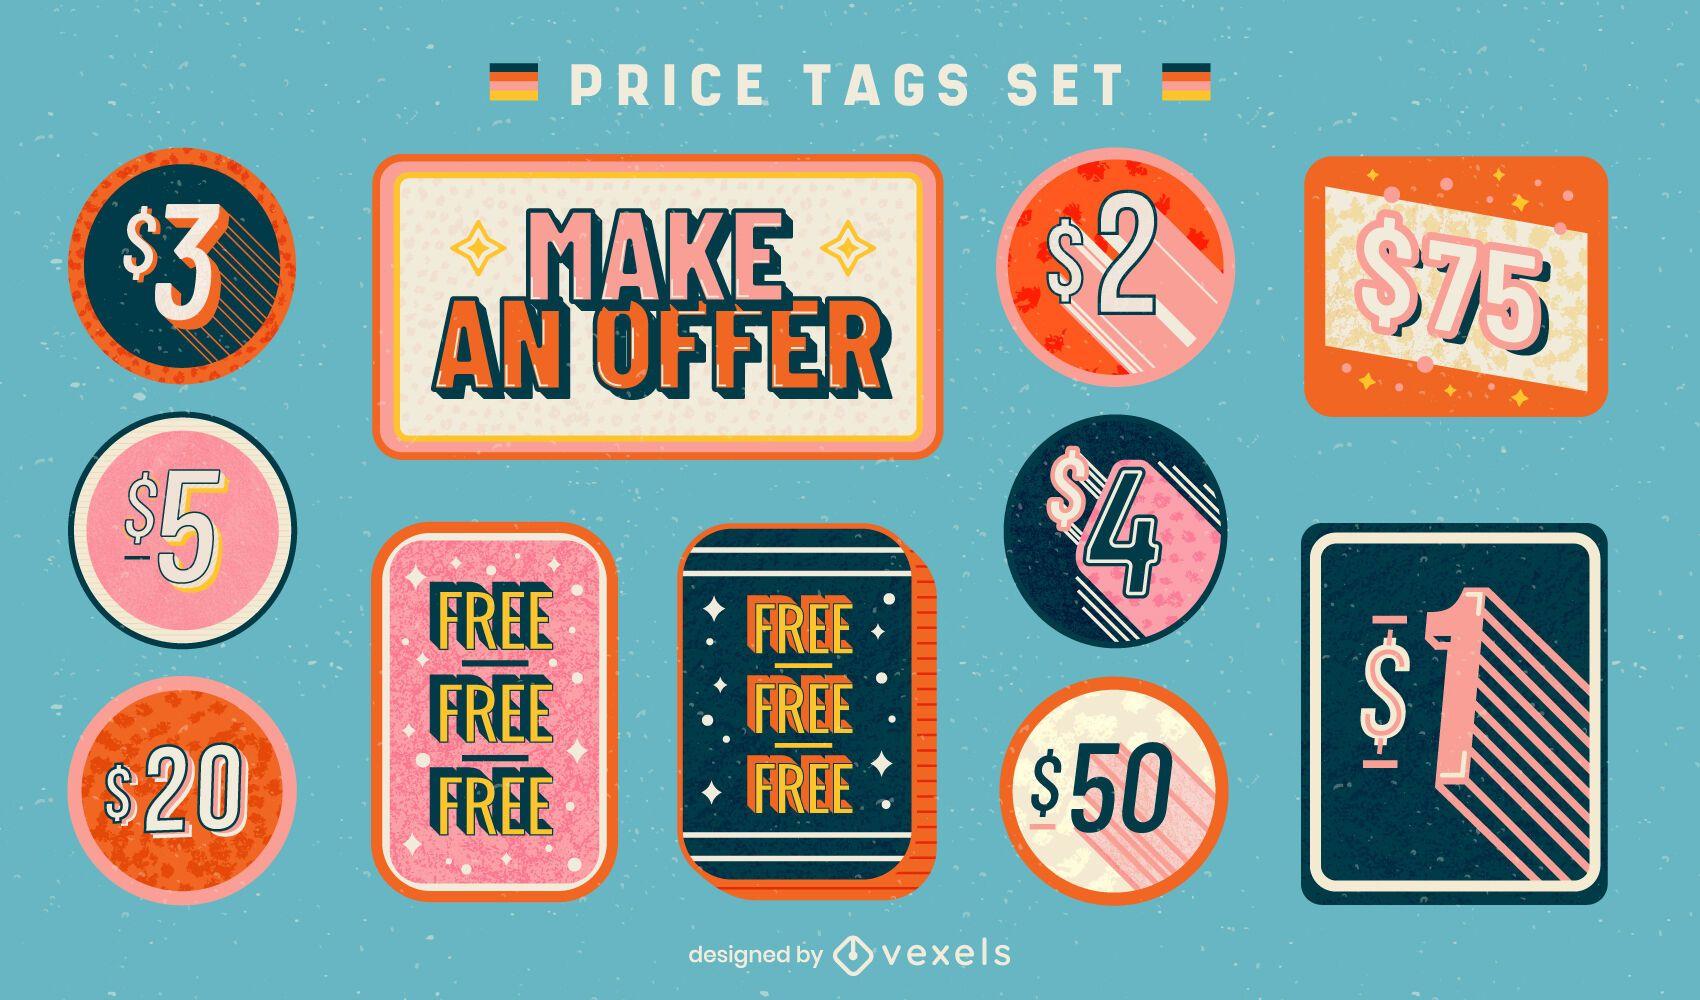 Retro price tags business sale set